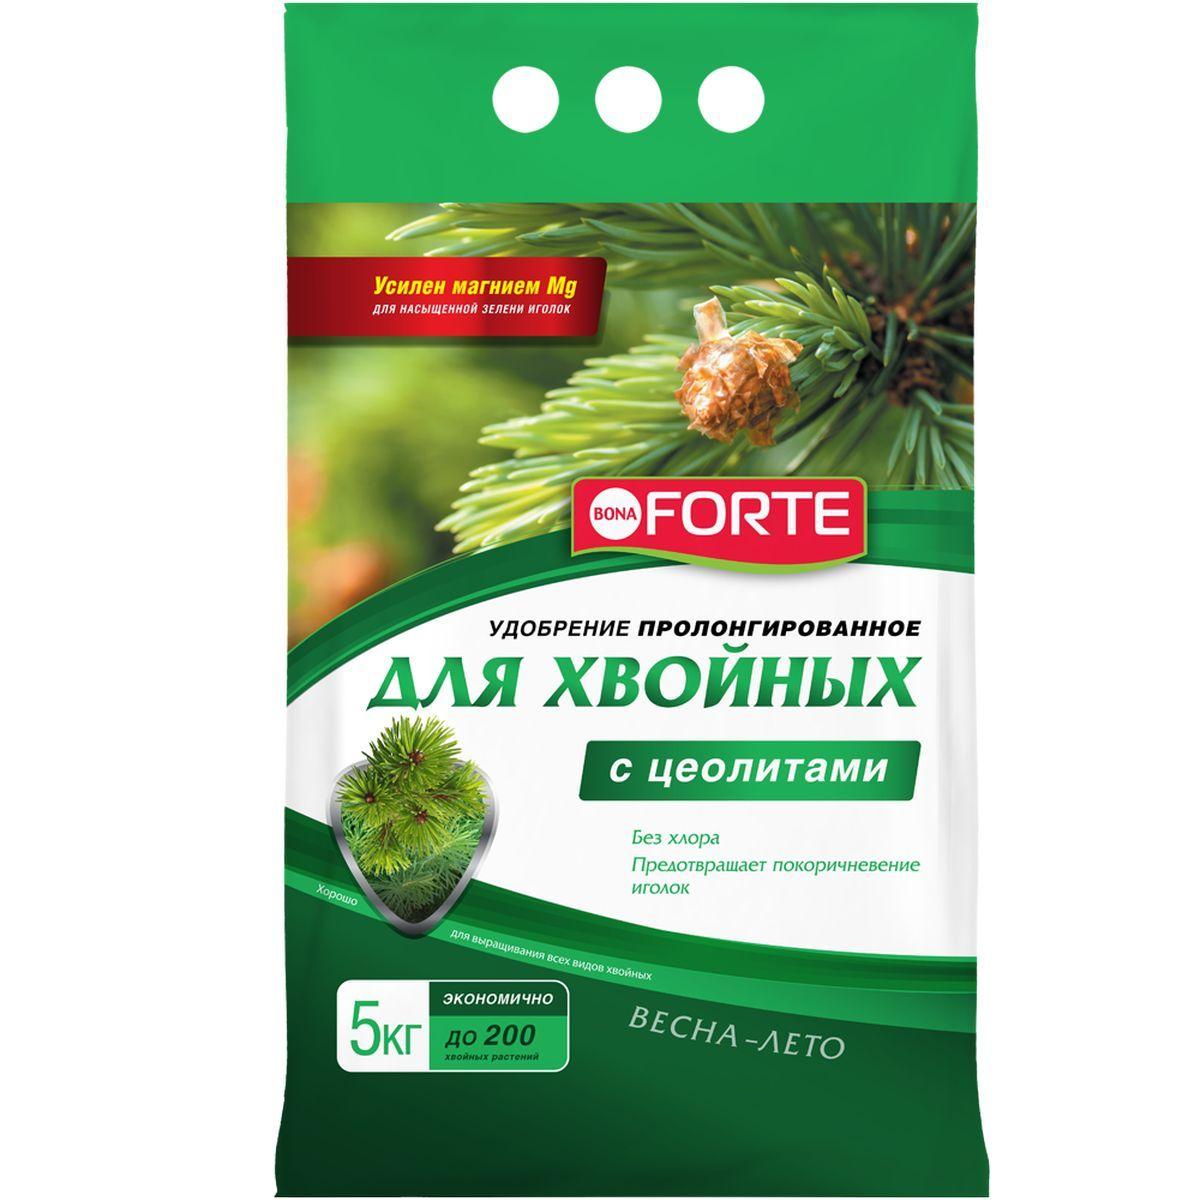 Удобрение Bona Forte, хвойное, с цеолитом, 5 кг391602Удобрение пролонгированное с цеолитами для елей, сосен, кипарисов, тиса, кедра, можжевельника, туи, пихты, лиственницы и других хвойных растений.Препятствует покоричневению хвои, поддерживает зеленый цвет иголок, стимулирует рост и развивает корневую систему. Без хлора!Удобрения дополнительно обогащены ЦЕОЛИТОМ, который имеет уникальные полезные свойства:- удерживает влагу и питательные вещества в корнеобитаемой зоне растений;- снижает стрессы растений при посадке и пересадке;- обеспечивает оптимальный воздушный режим даже при максимальном насыщении грунта водой;- делает удобрения пролонгированными.Cрок годности: 5 лет.Температура хранения: -40 до +50 С .Уважаемые клиенты!Обращаем ваше внимание на возможные изменения в дизайне упаковки. Качественные характеристики товараостаются неизменными. Поставка осуществляется в зависимости от наличия на складе.